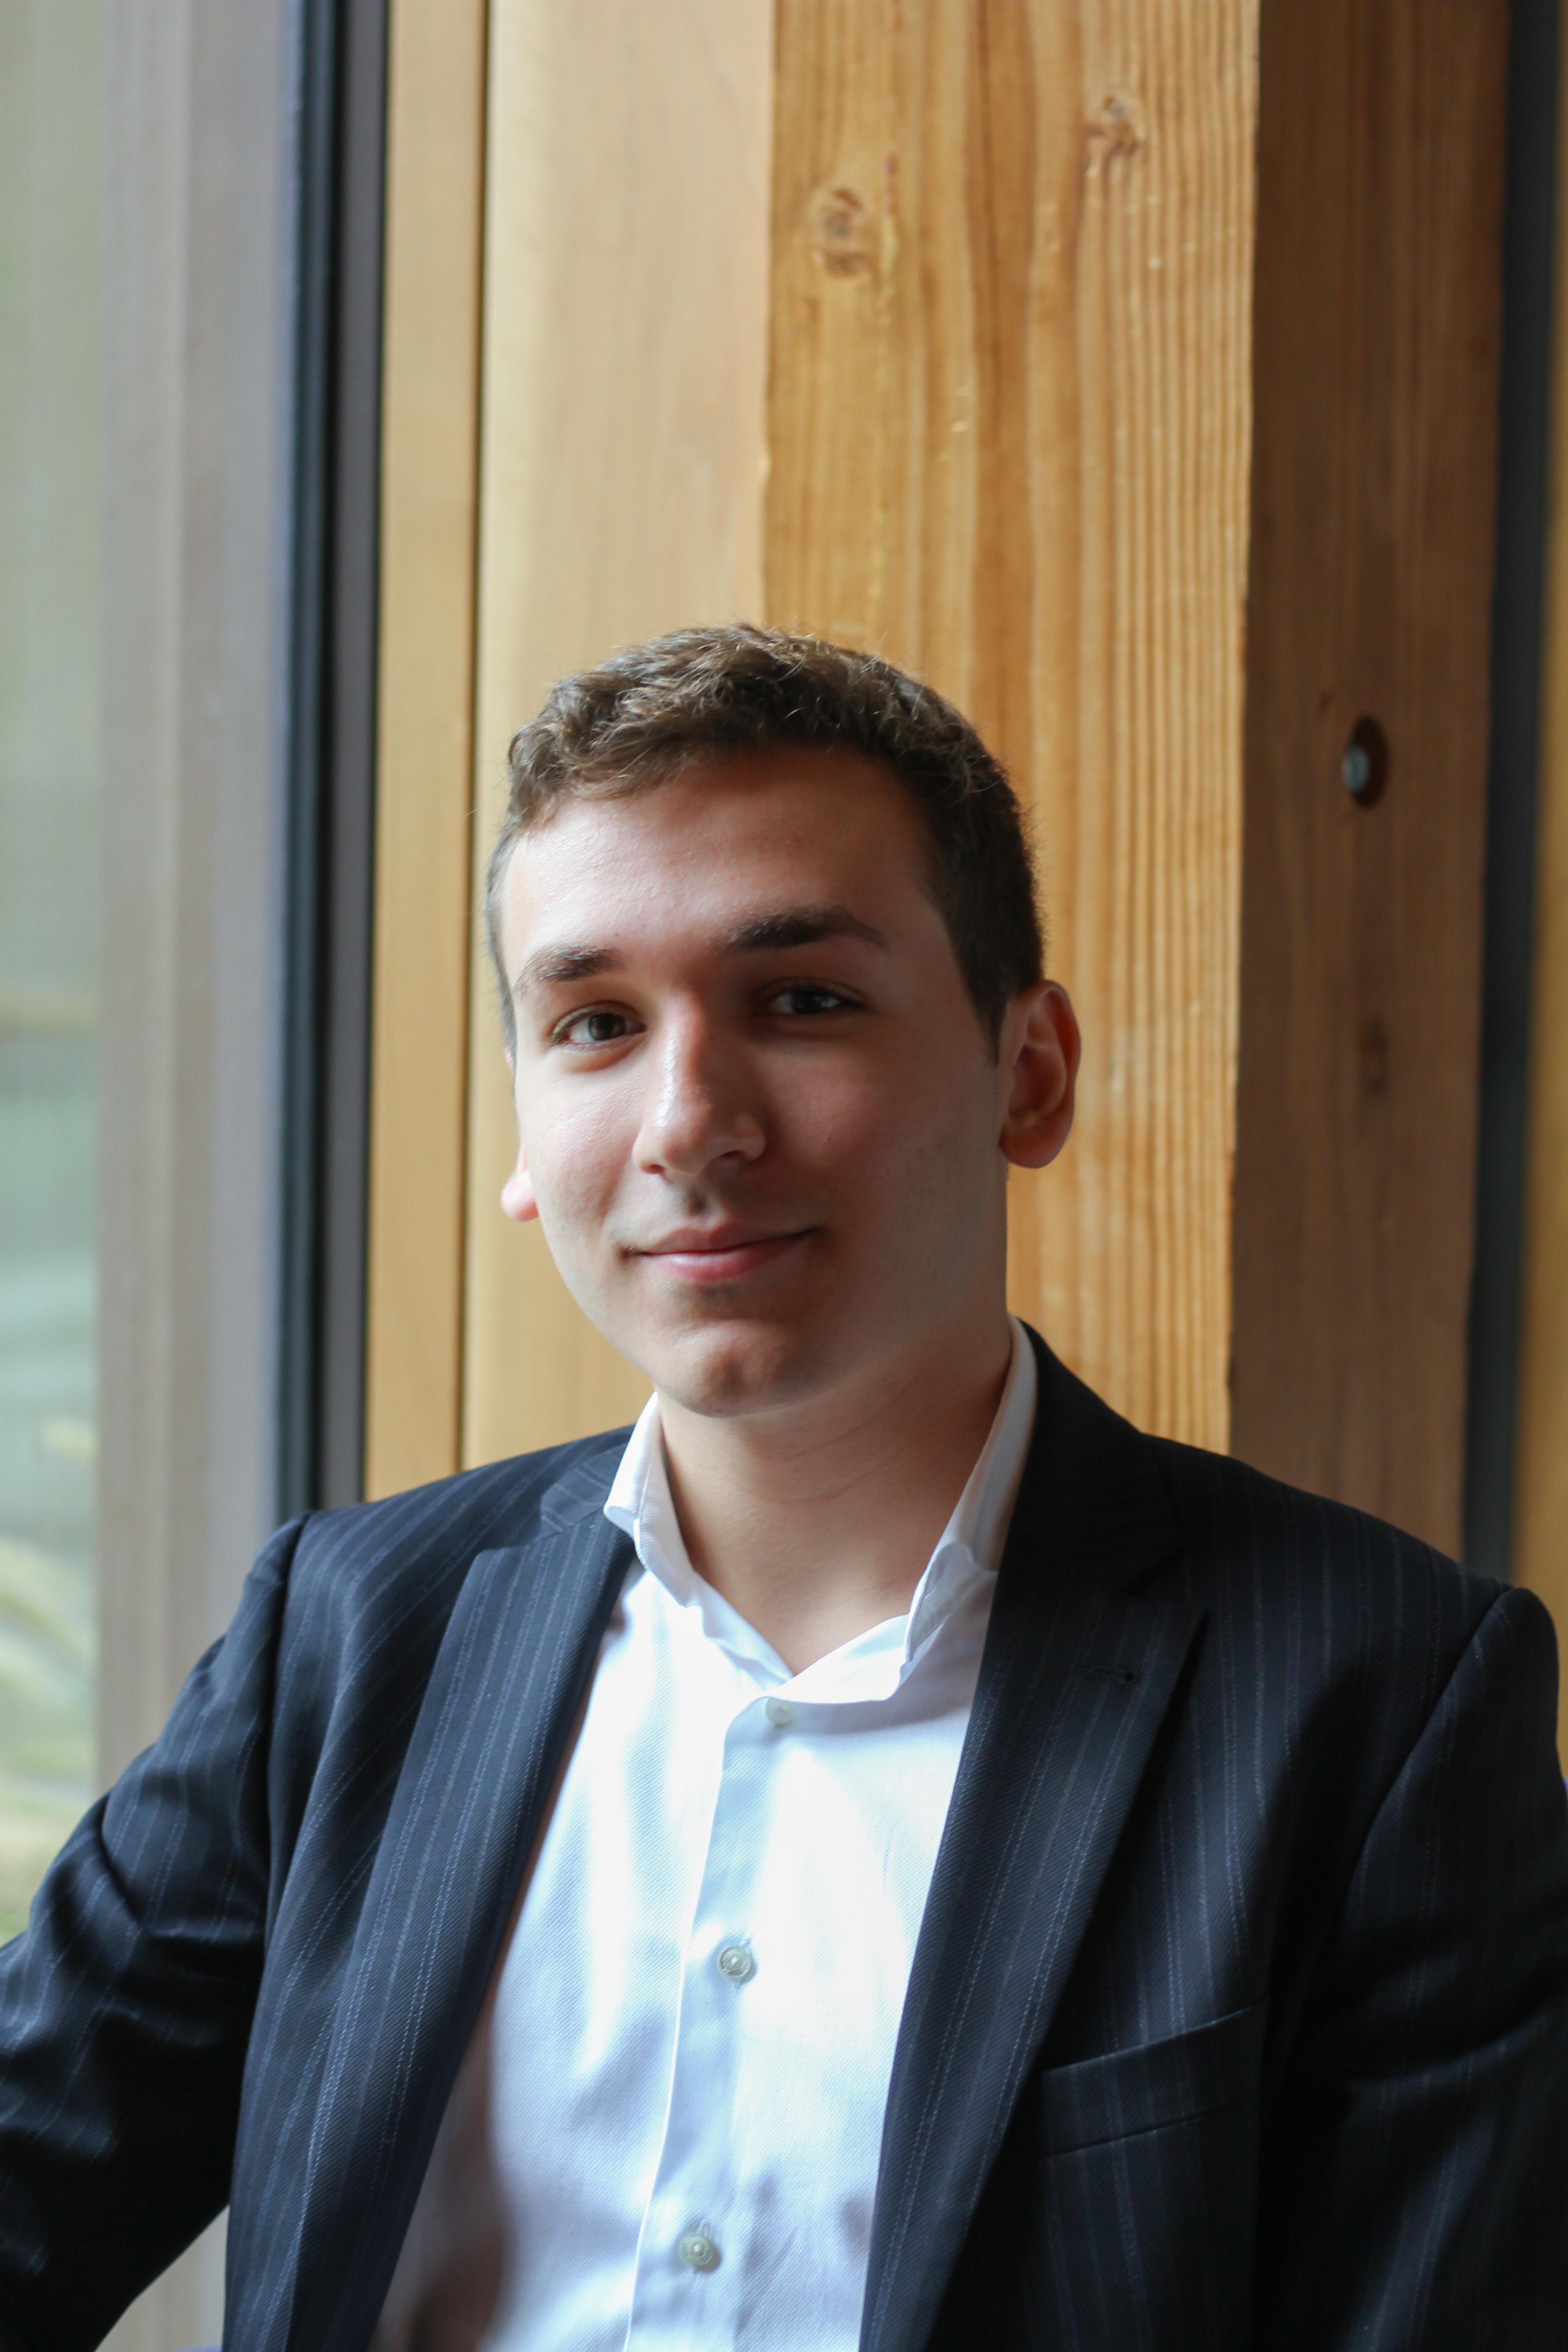 Mohamad Hammoud